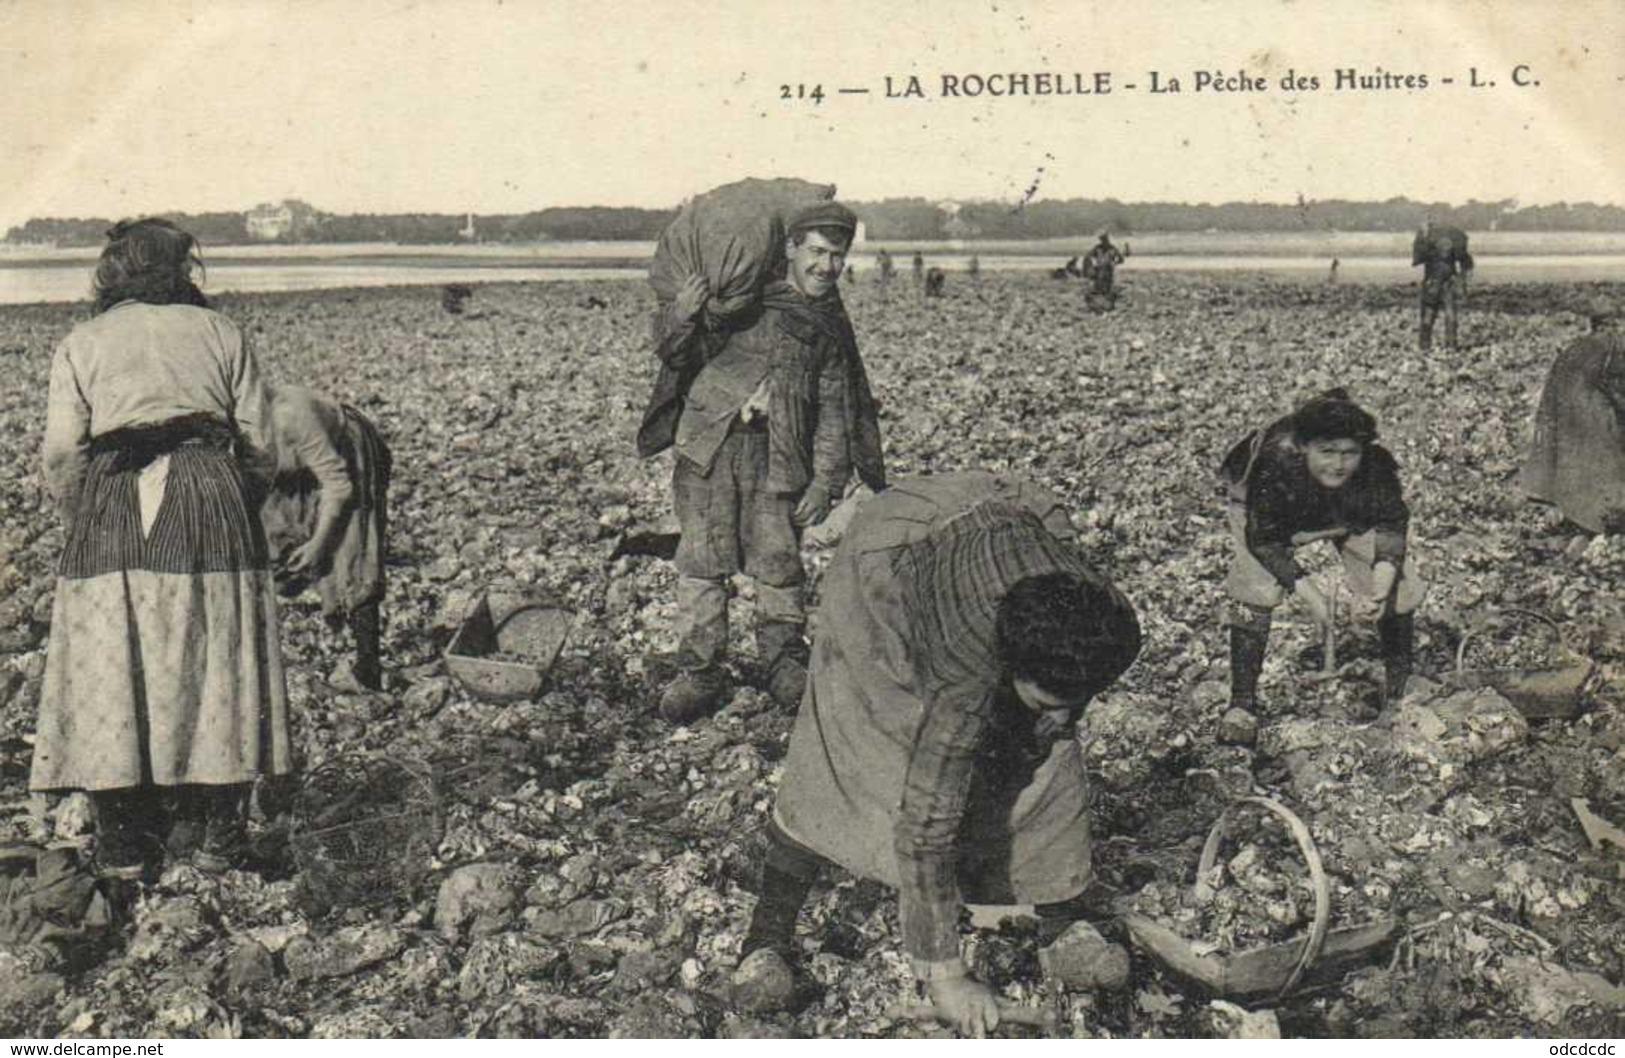 LA ROCHELLE La Peche Des Huitres RV - La Rochelle